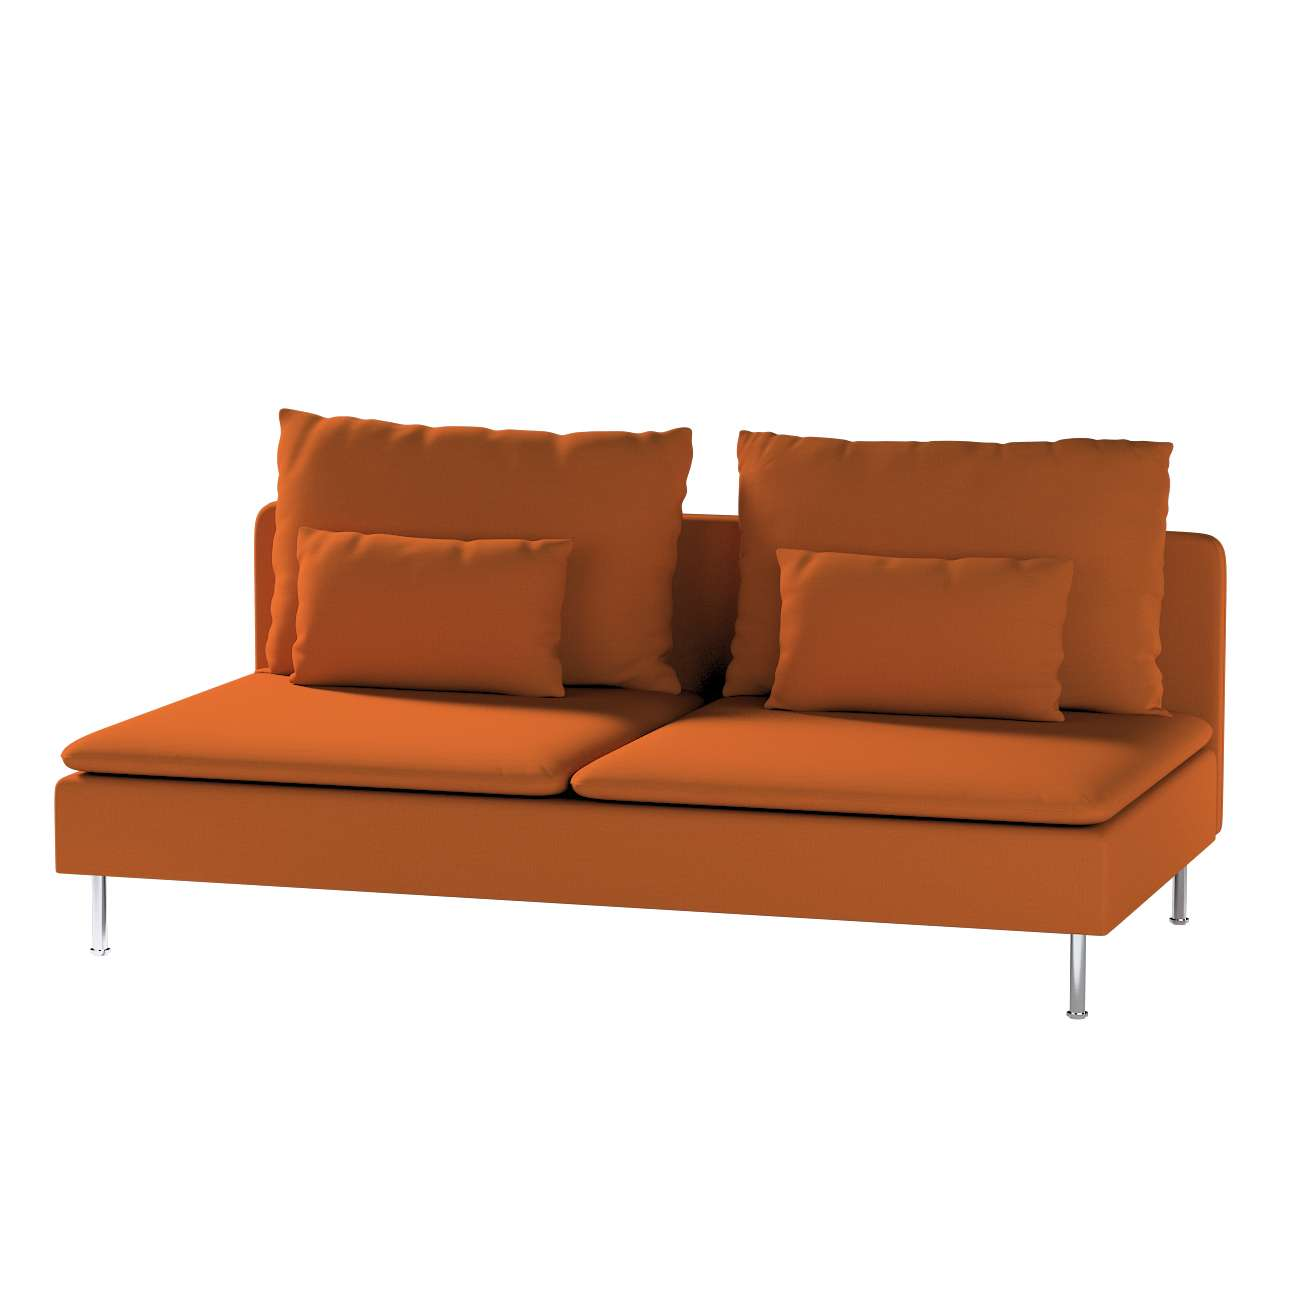 Bezug für Söderhamn Sitzelement 3 von der Kollektion Cotton Panama, Stoff: 702-42